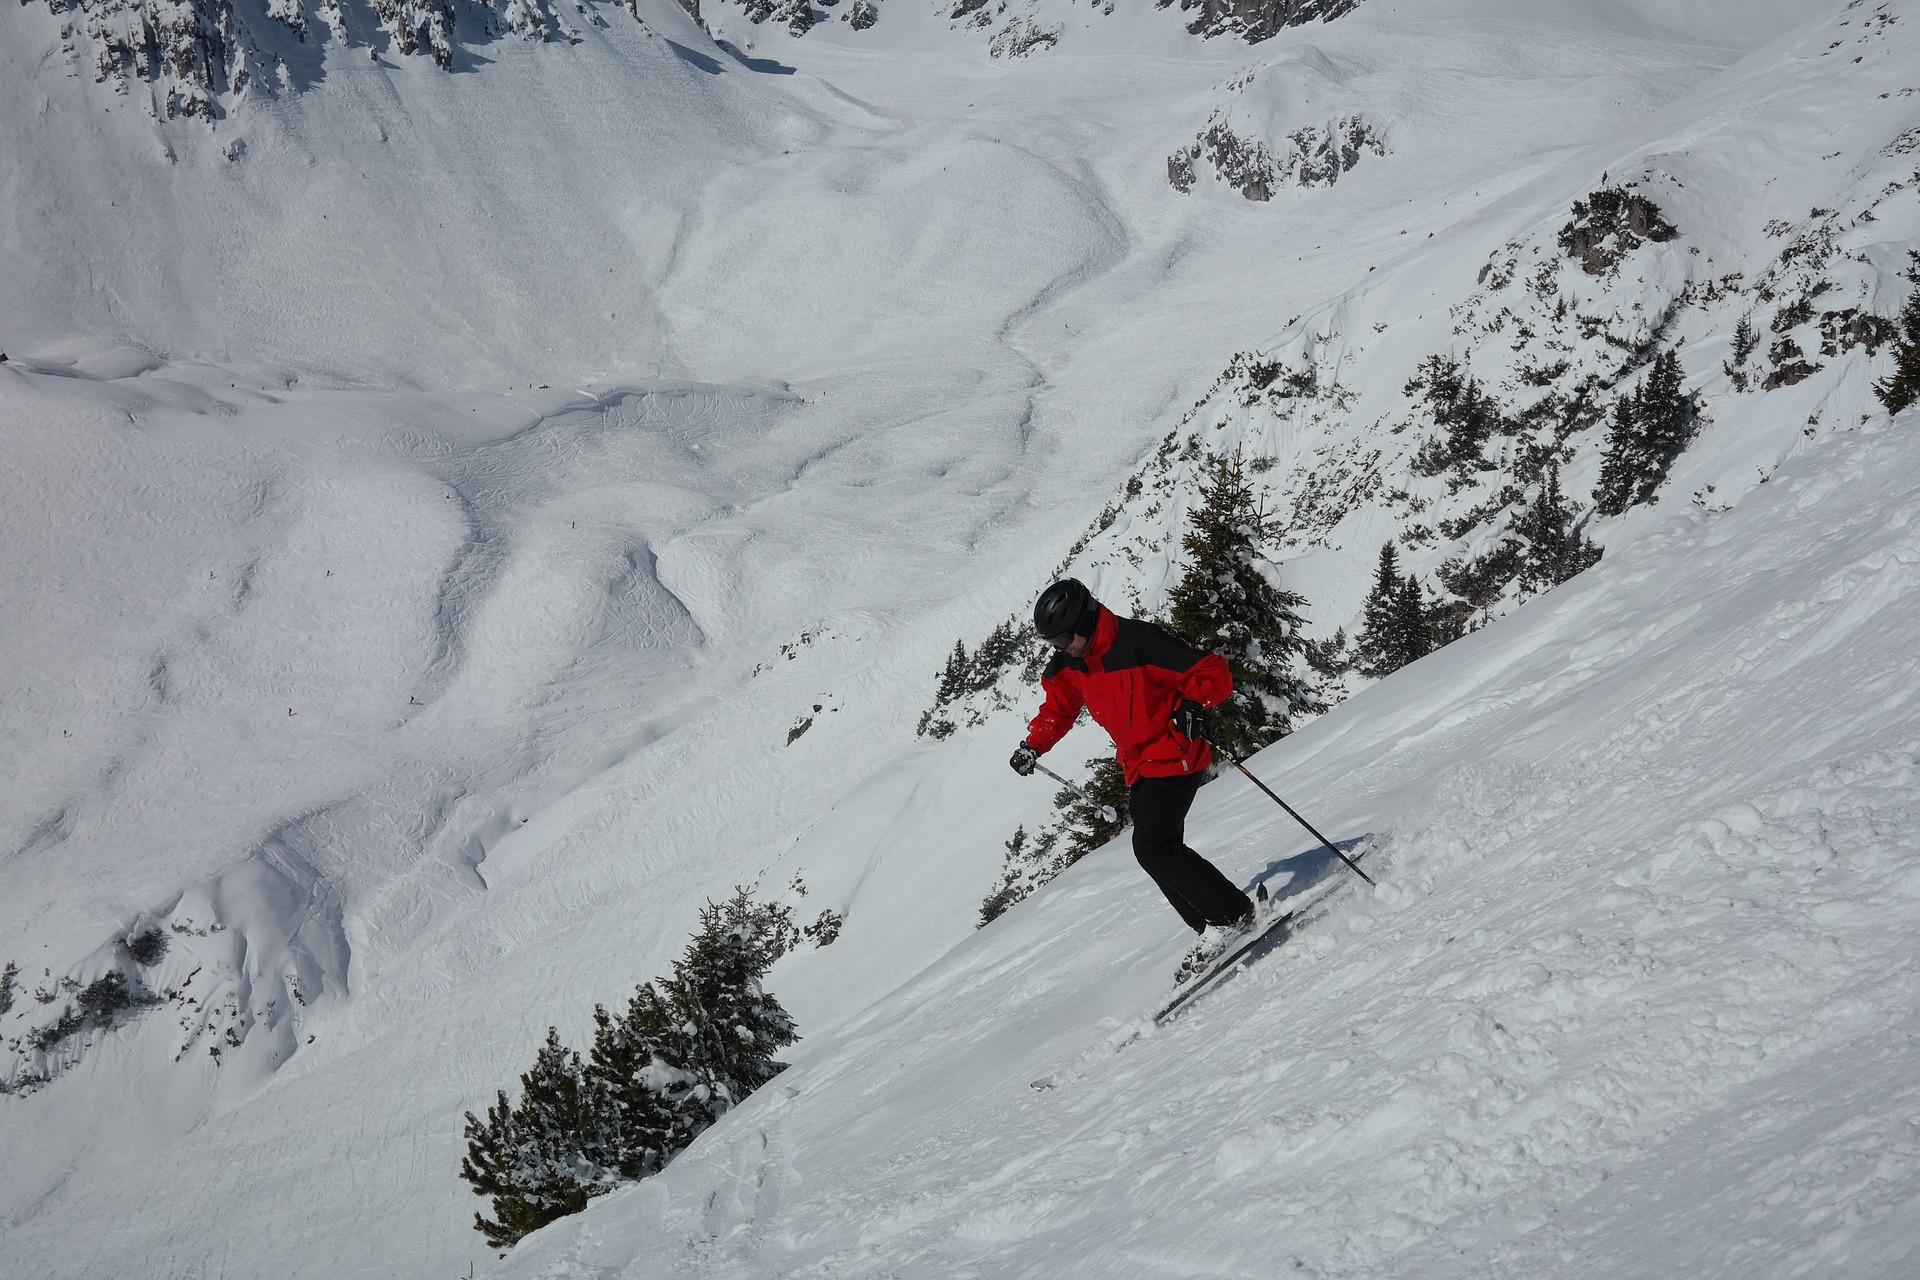 スキー場で活躍する無線